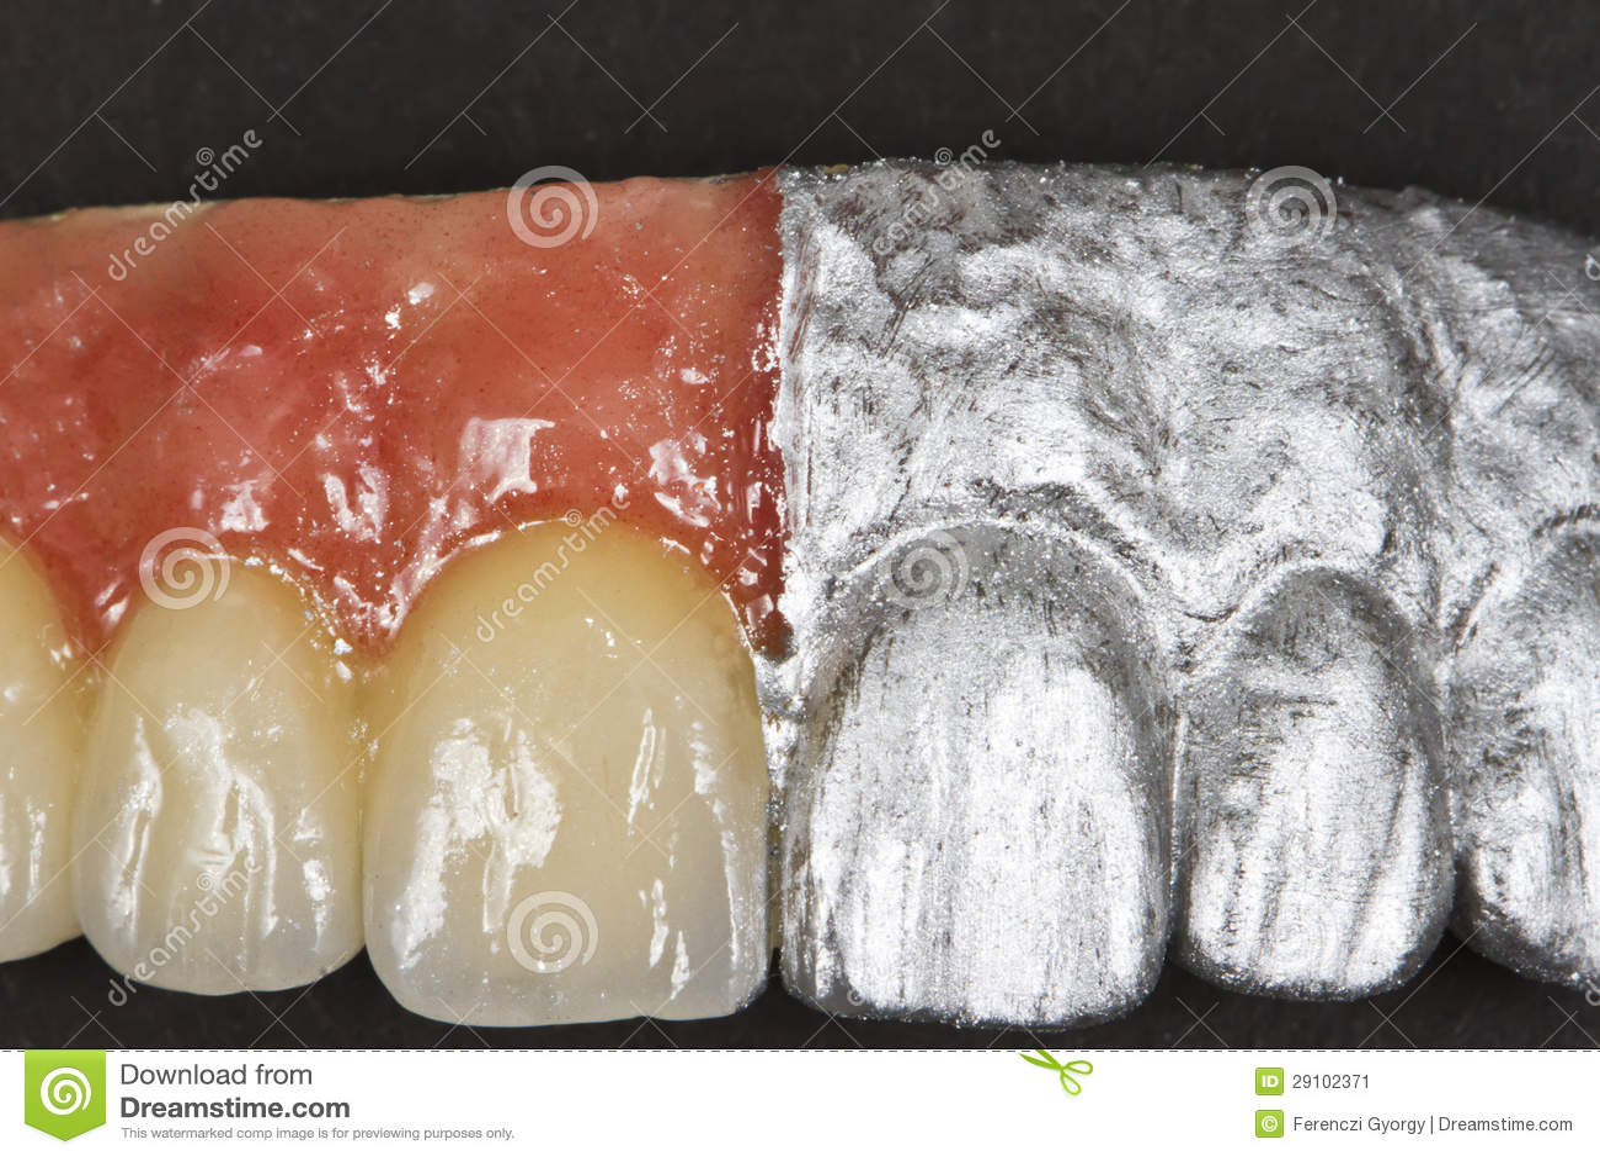 Artificial Teeth